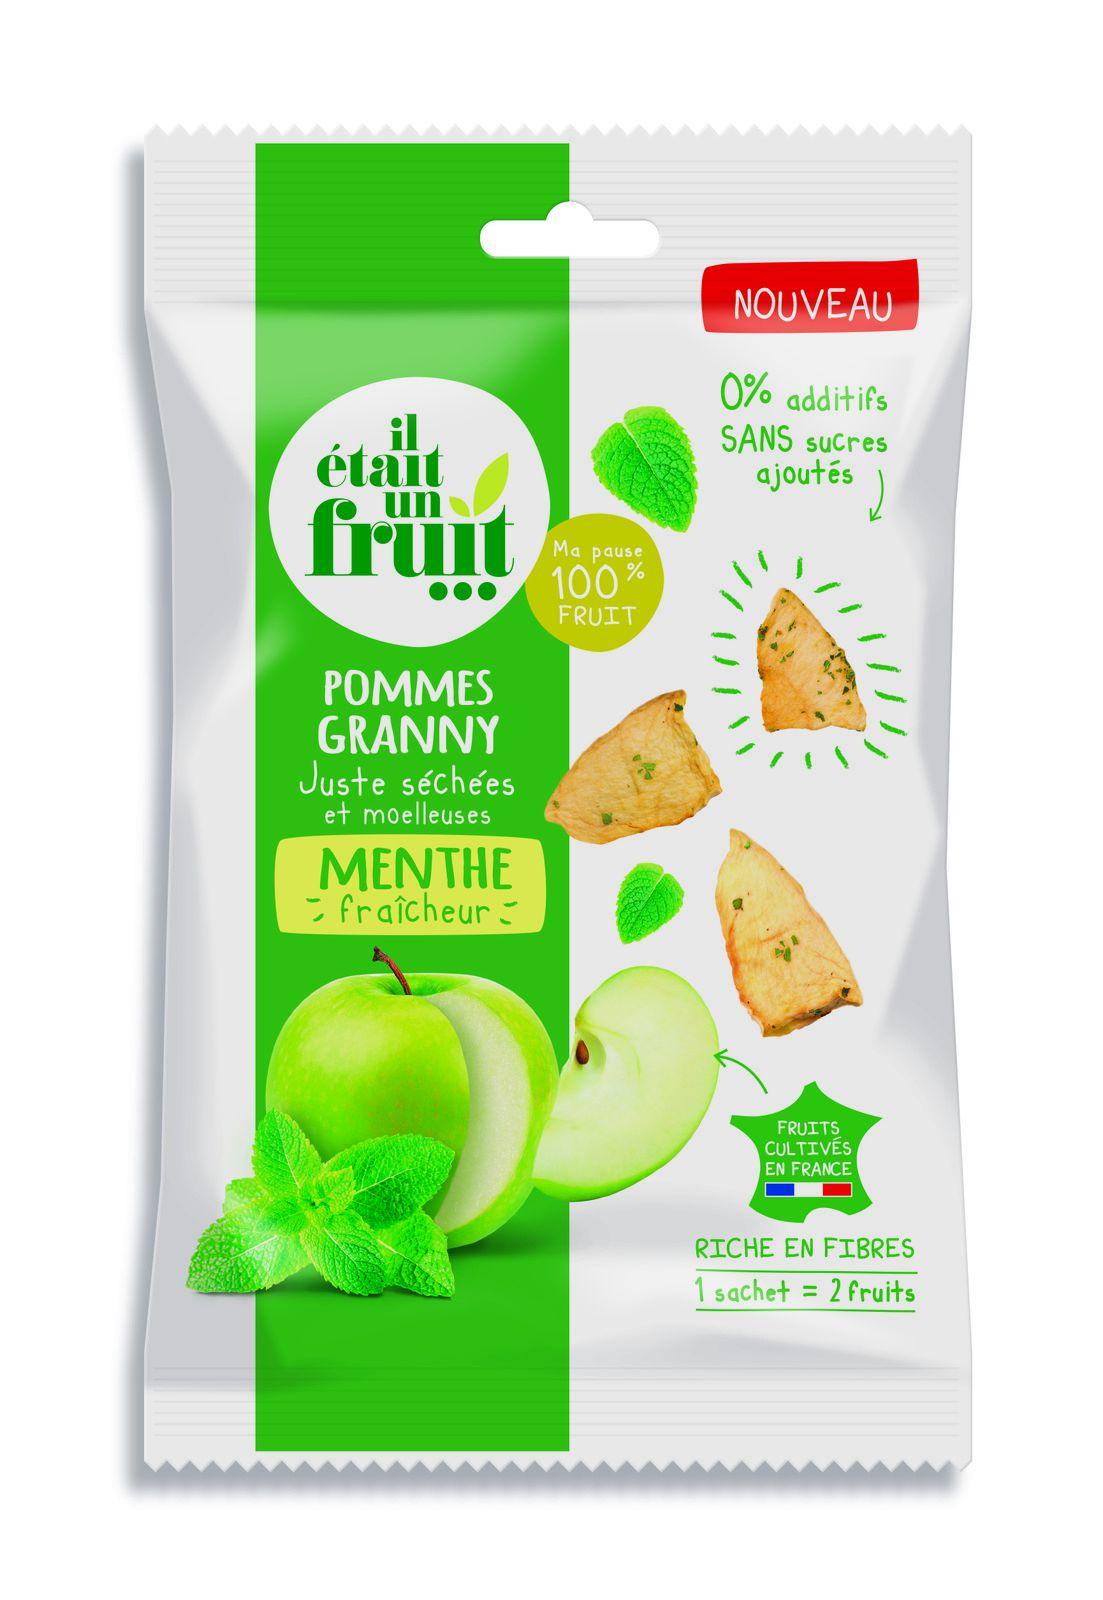 Concours : Des Fruits Séchés sans gluten dans vos poches pour parcourir le monde gourmand .